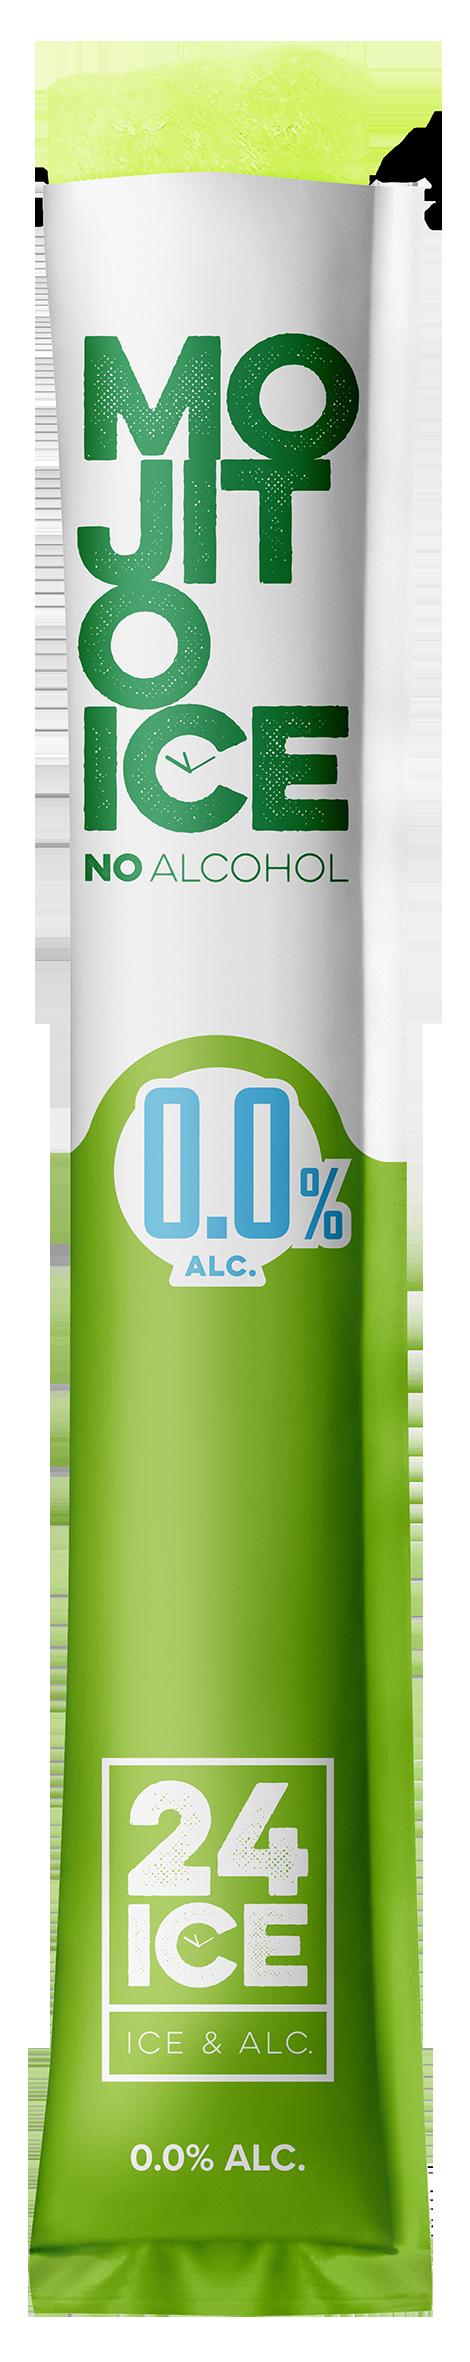 Mojito 0.0%